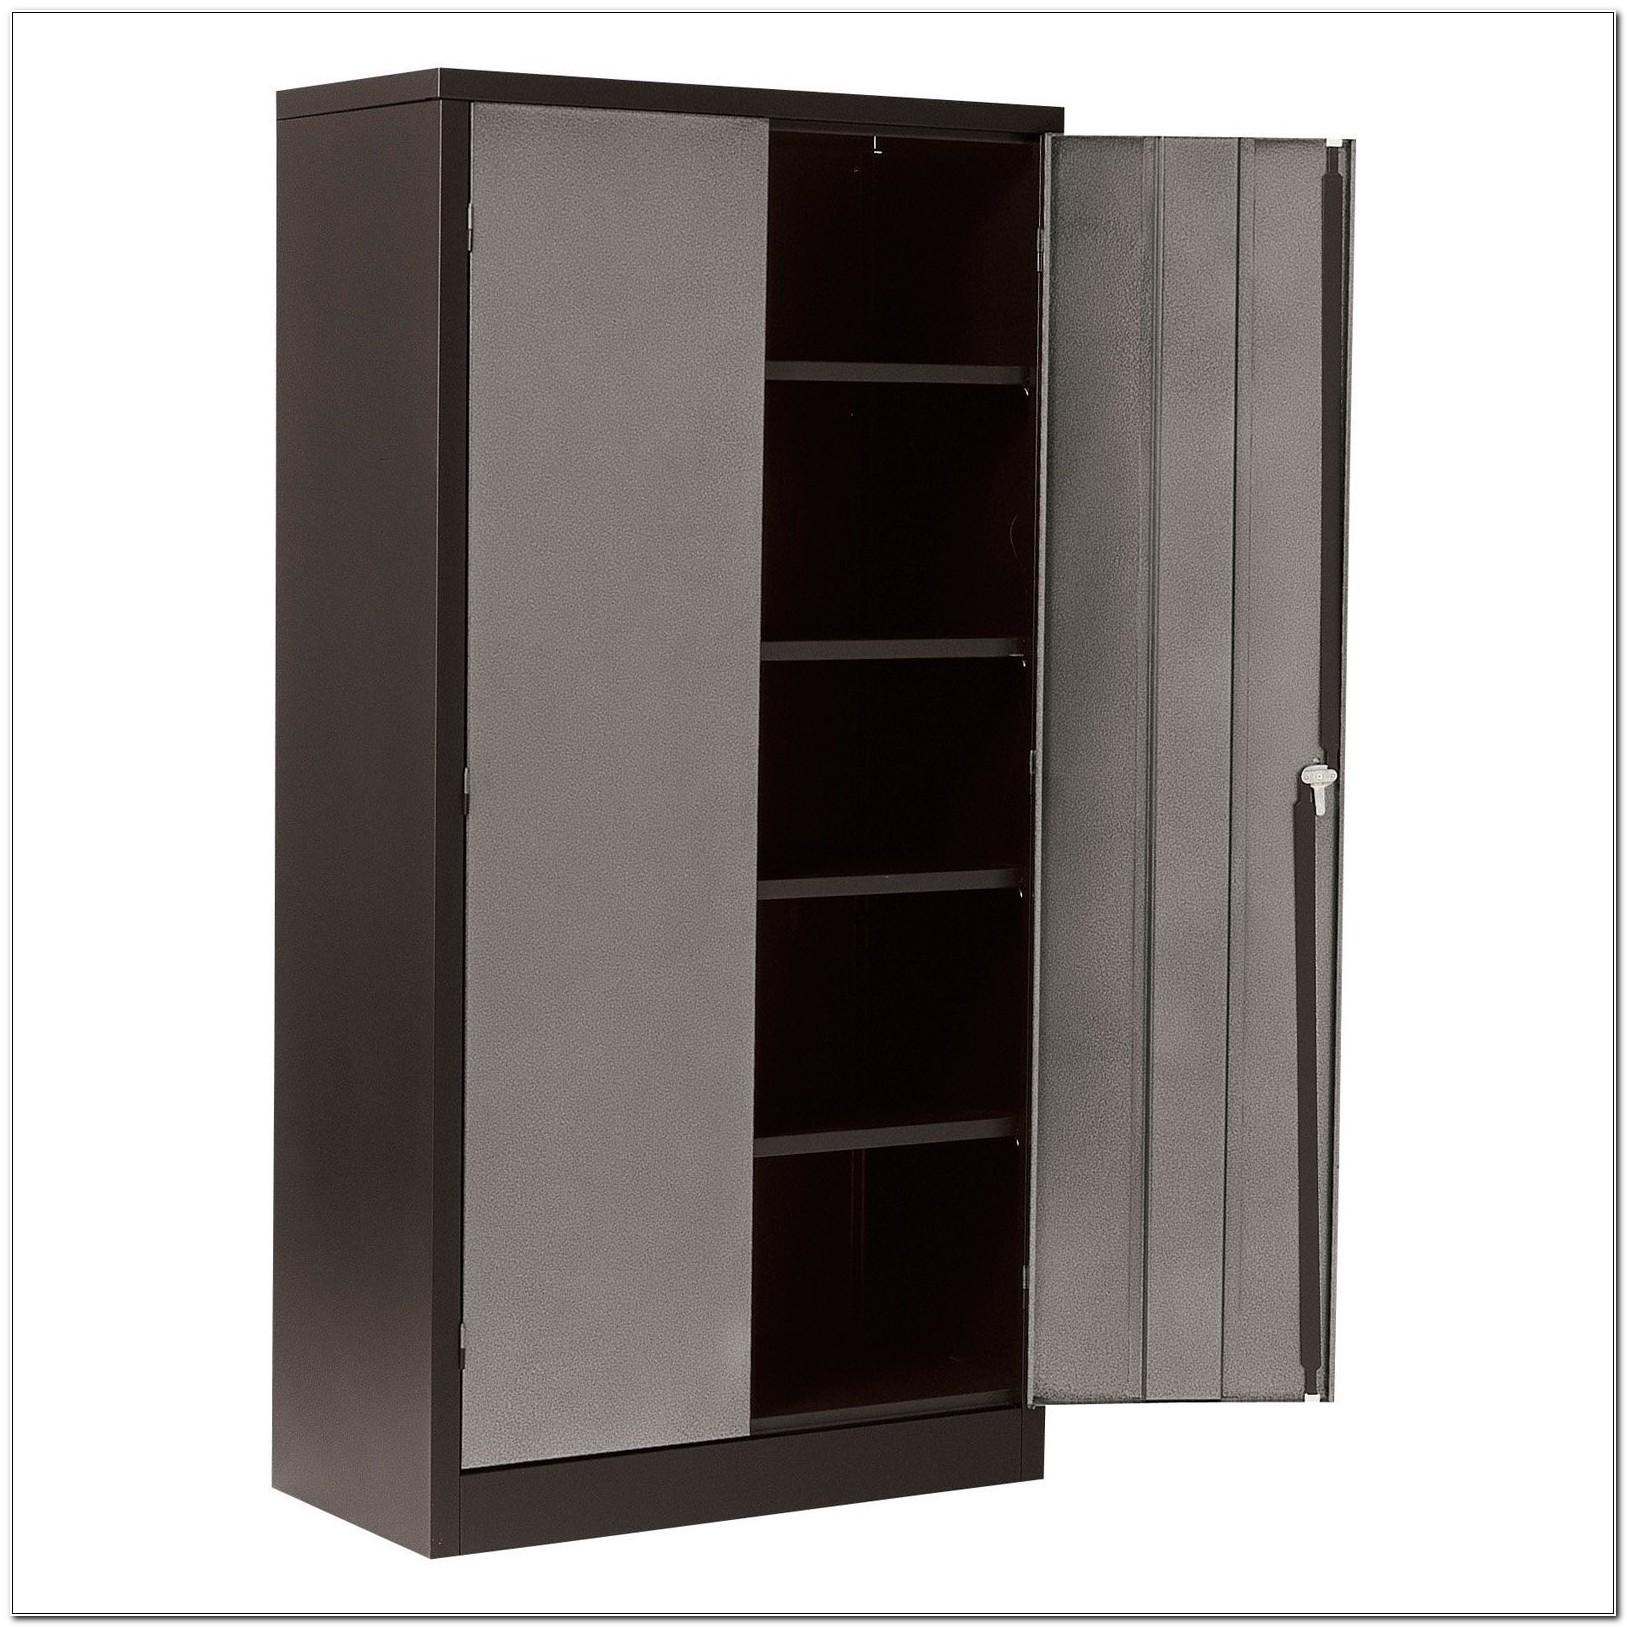 Garage Storage Cabinets Walmart